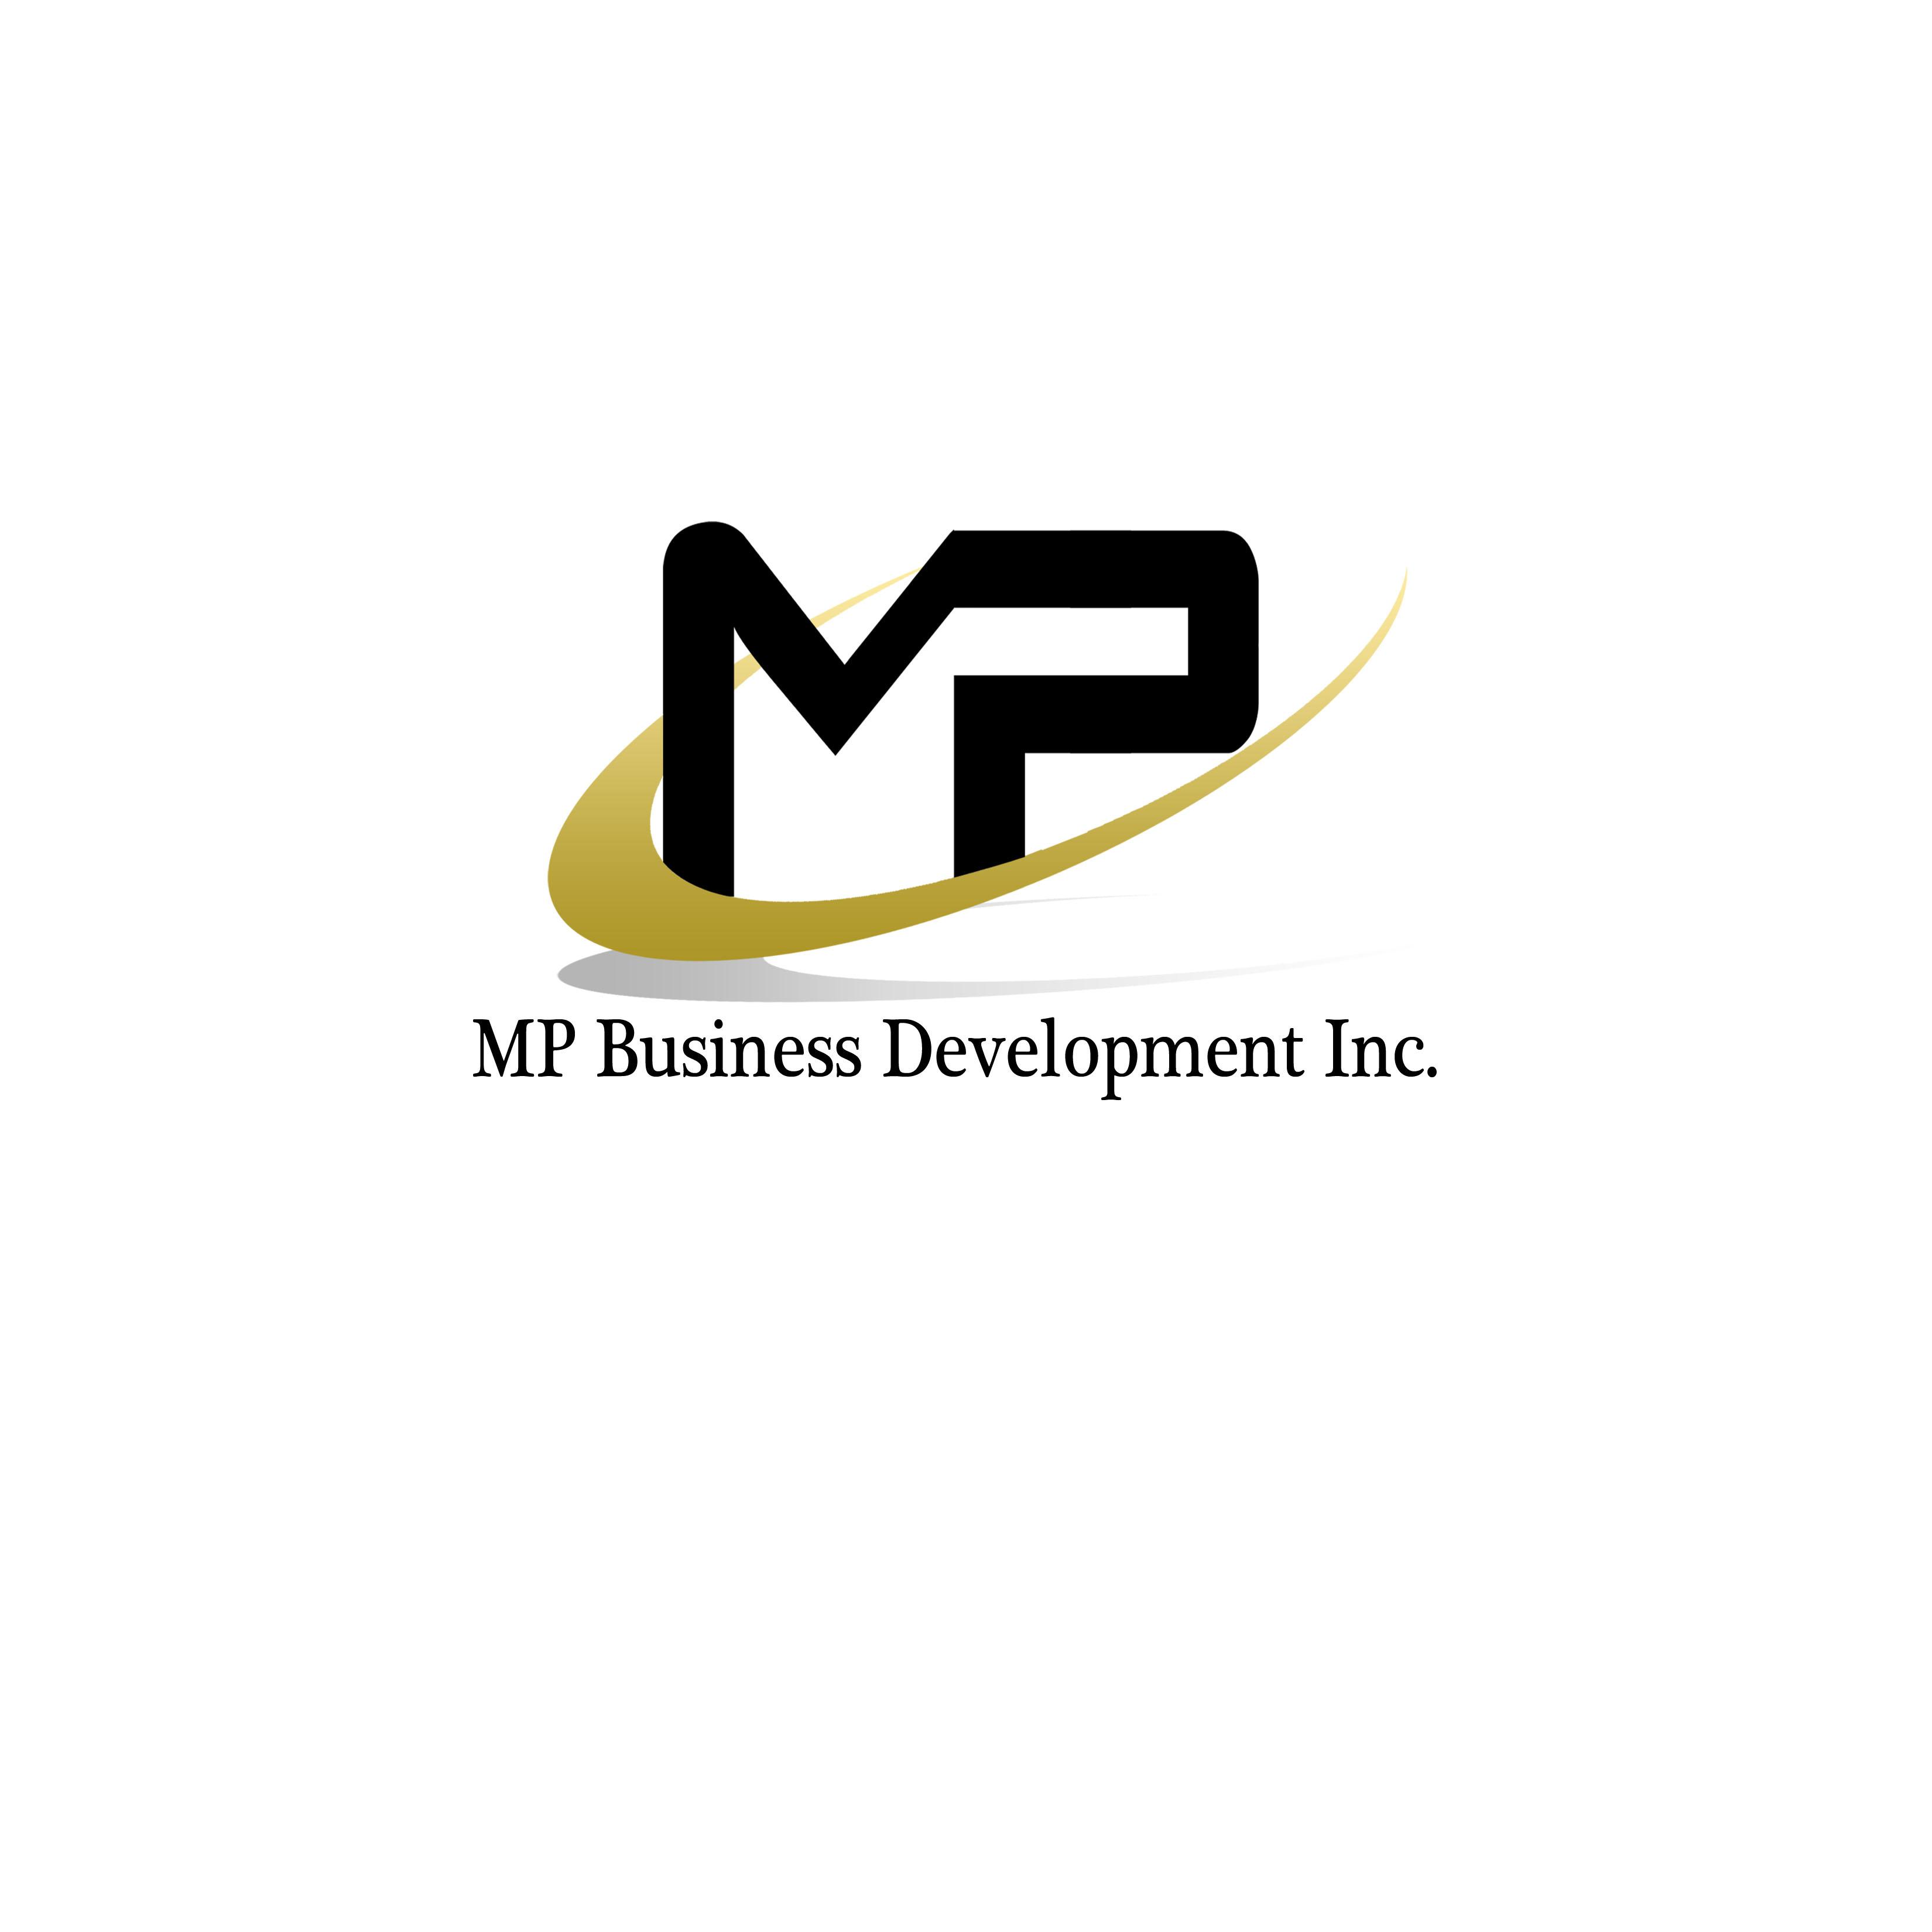 Logo Design by Allan Esclamado - Entry No. 189 in the Logo Design Contest MP Business Development Inc. Logo Design.